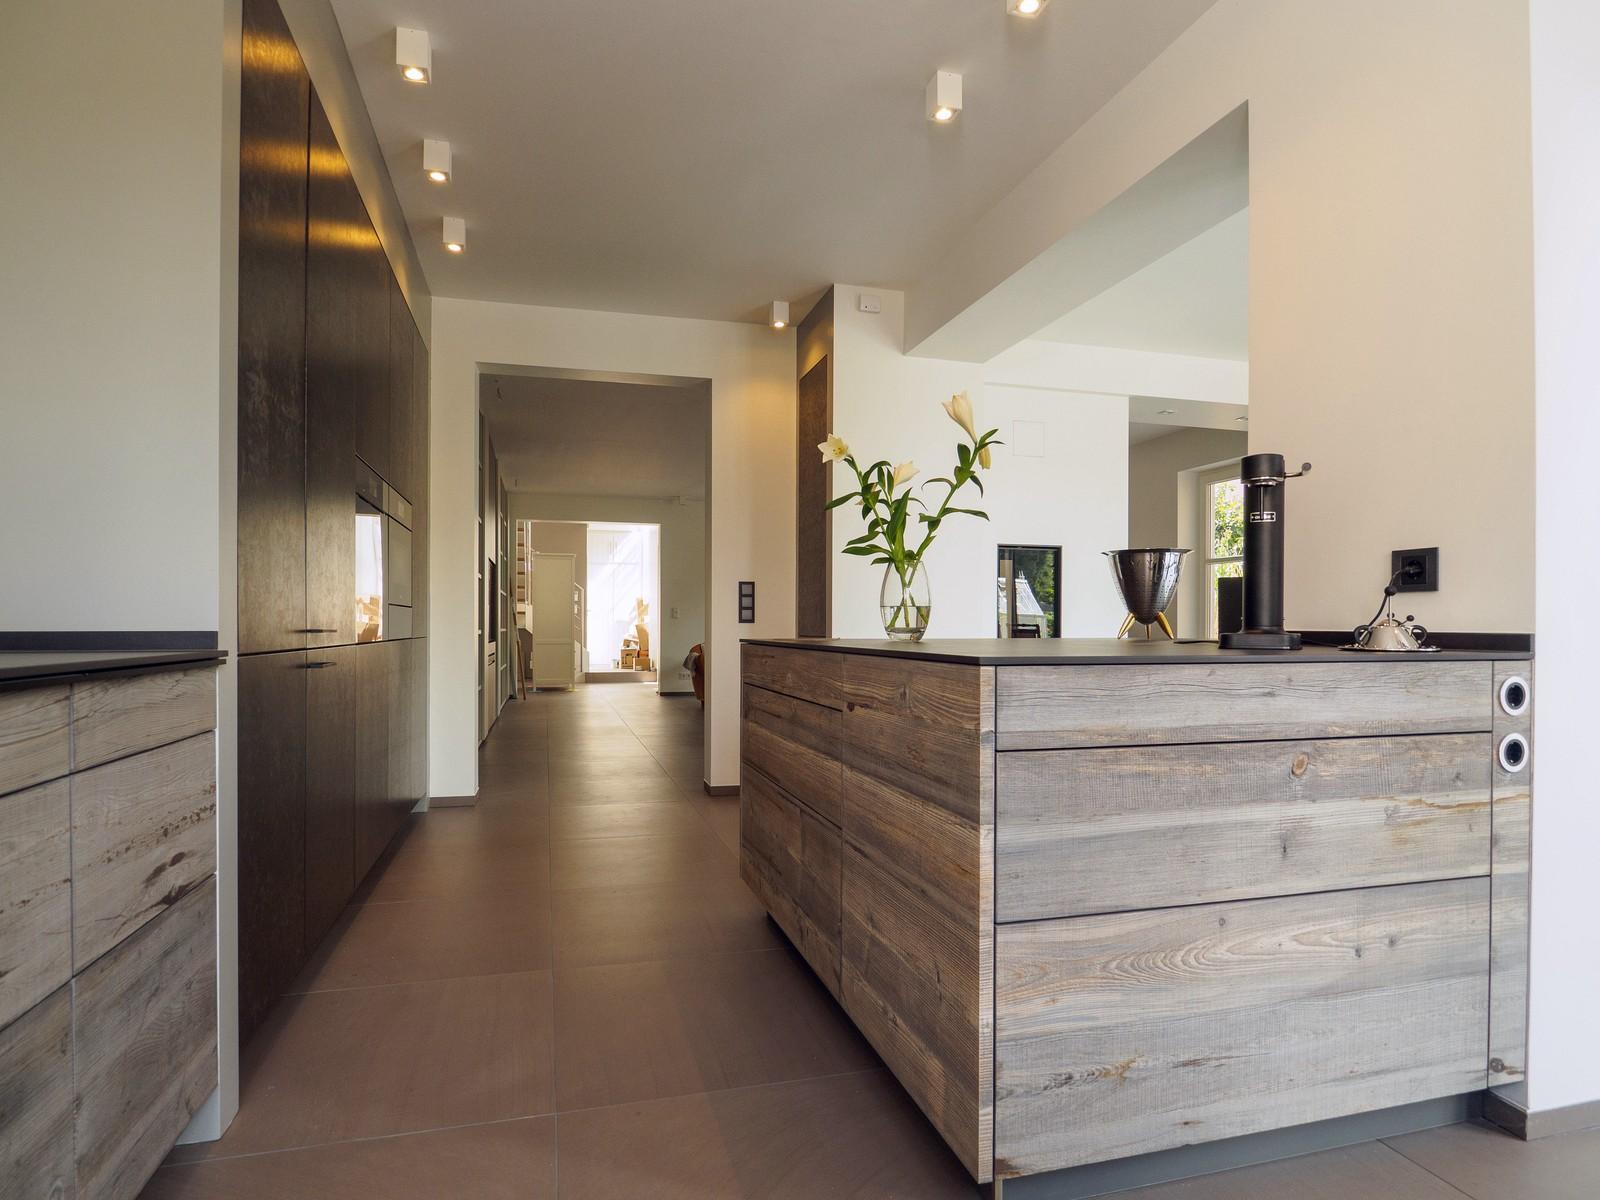 Arbeitsplatte Küche Holz | Design Kuche Exklusiv Mit Design Holzfronten Sonnenverbrannt In